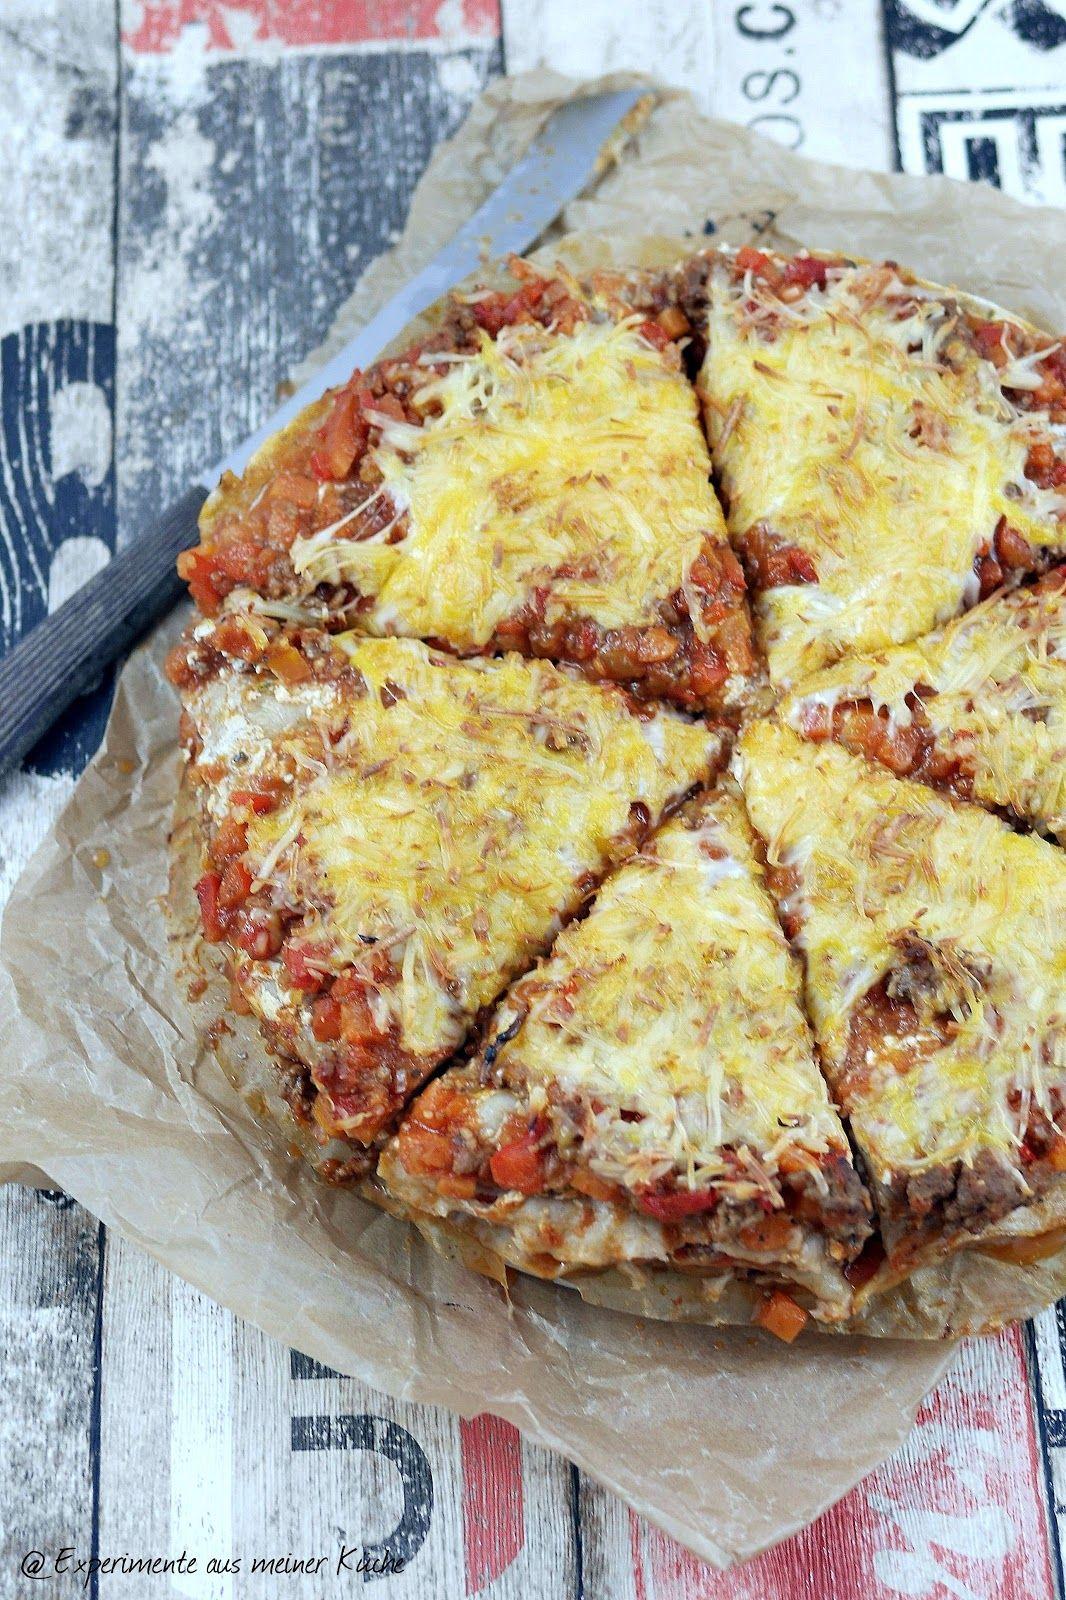 Photo of Tortilla-Hack-Torte – Experimente aus meiner Küche